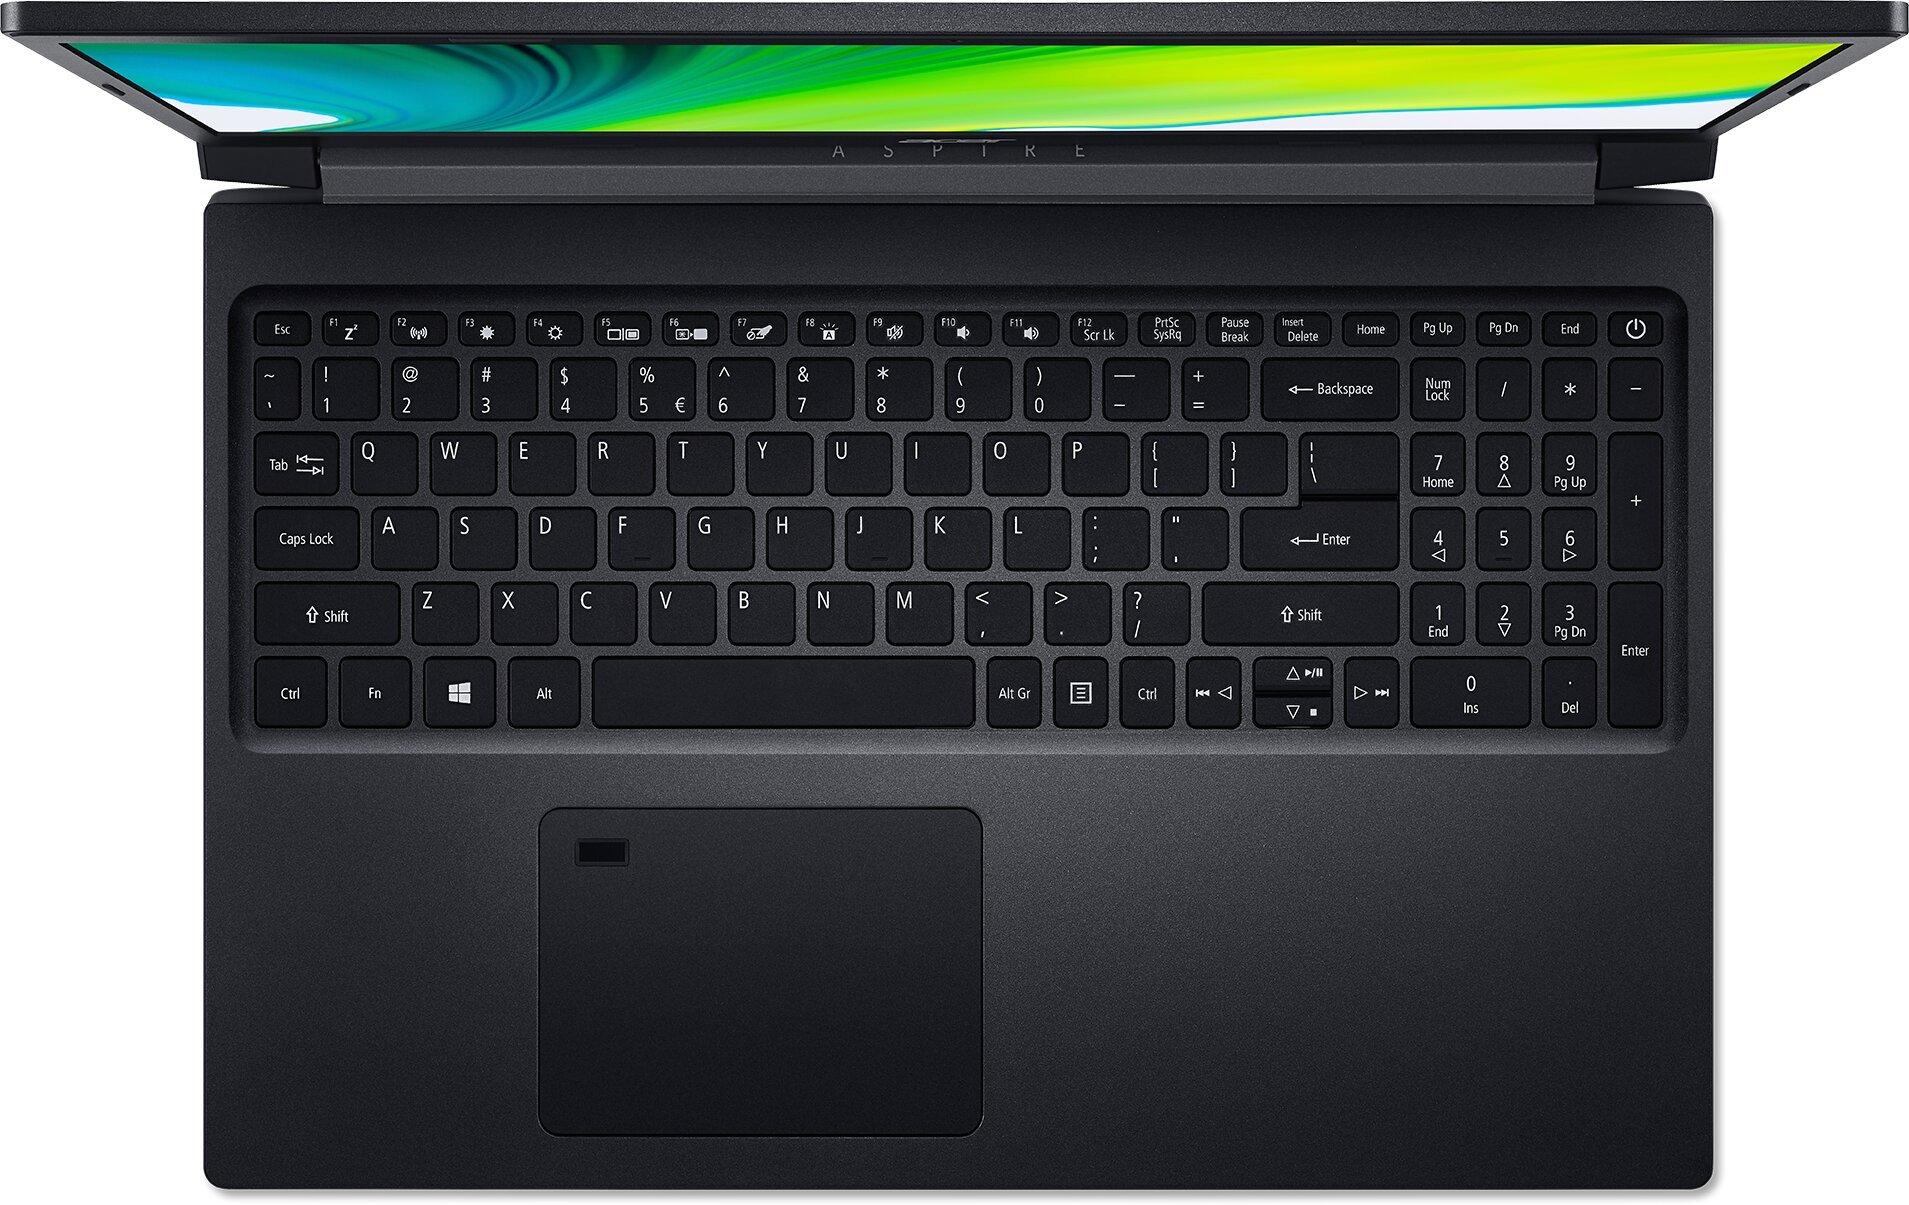 Acer Aspire 7 A715-75G-70BG